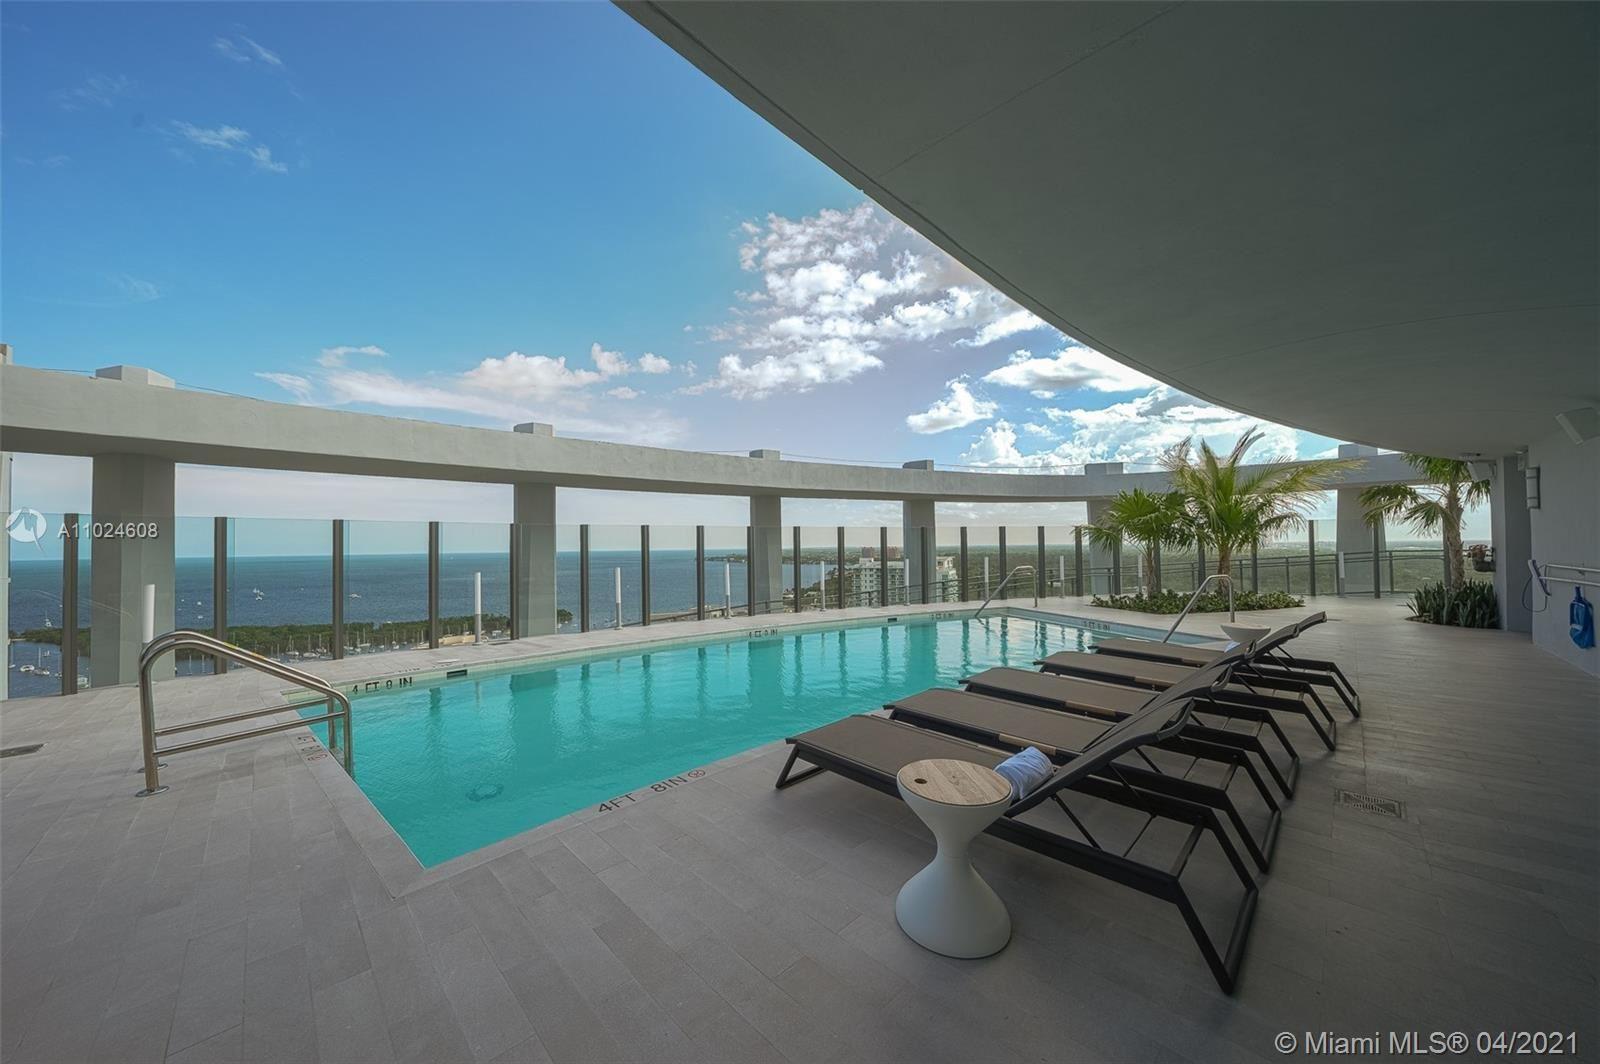 2831 S Bayshore Dr #805, Miami, FL 33133 - MLS#: A11024608